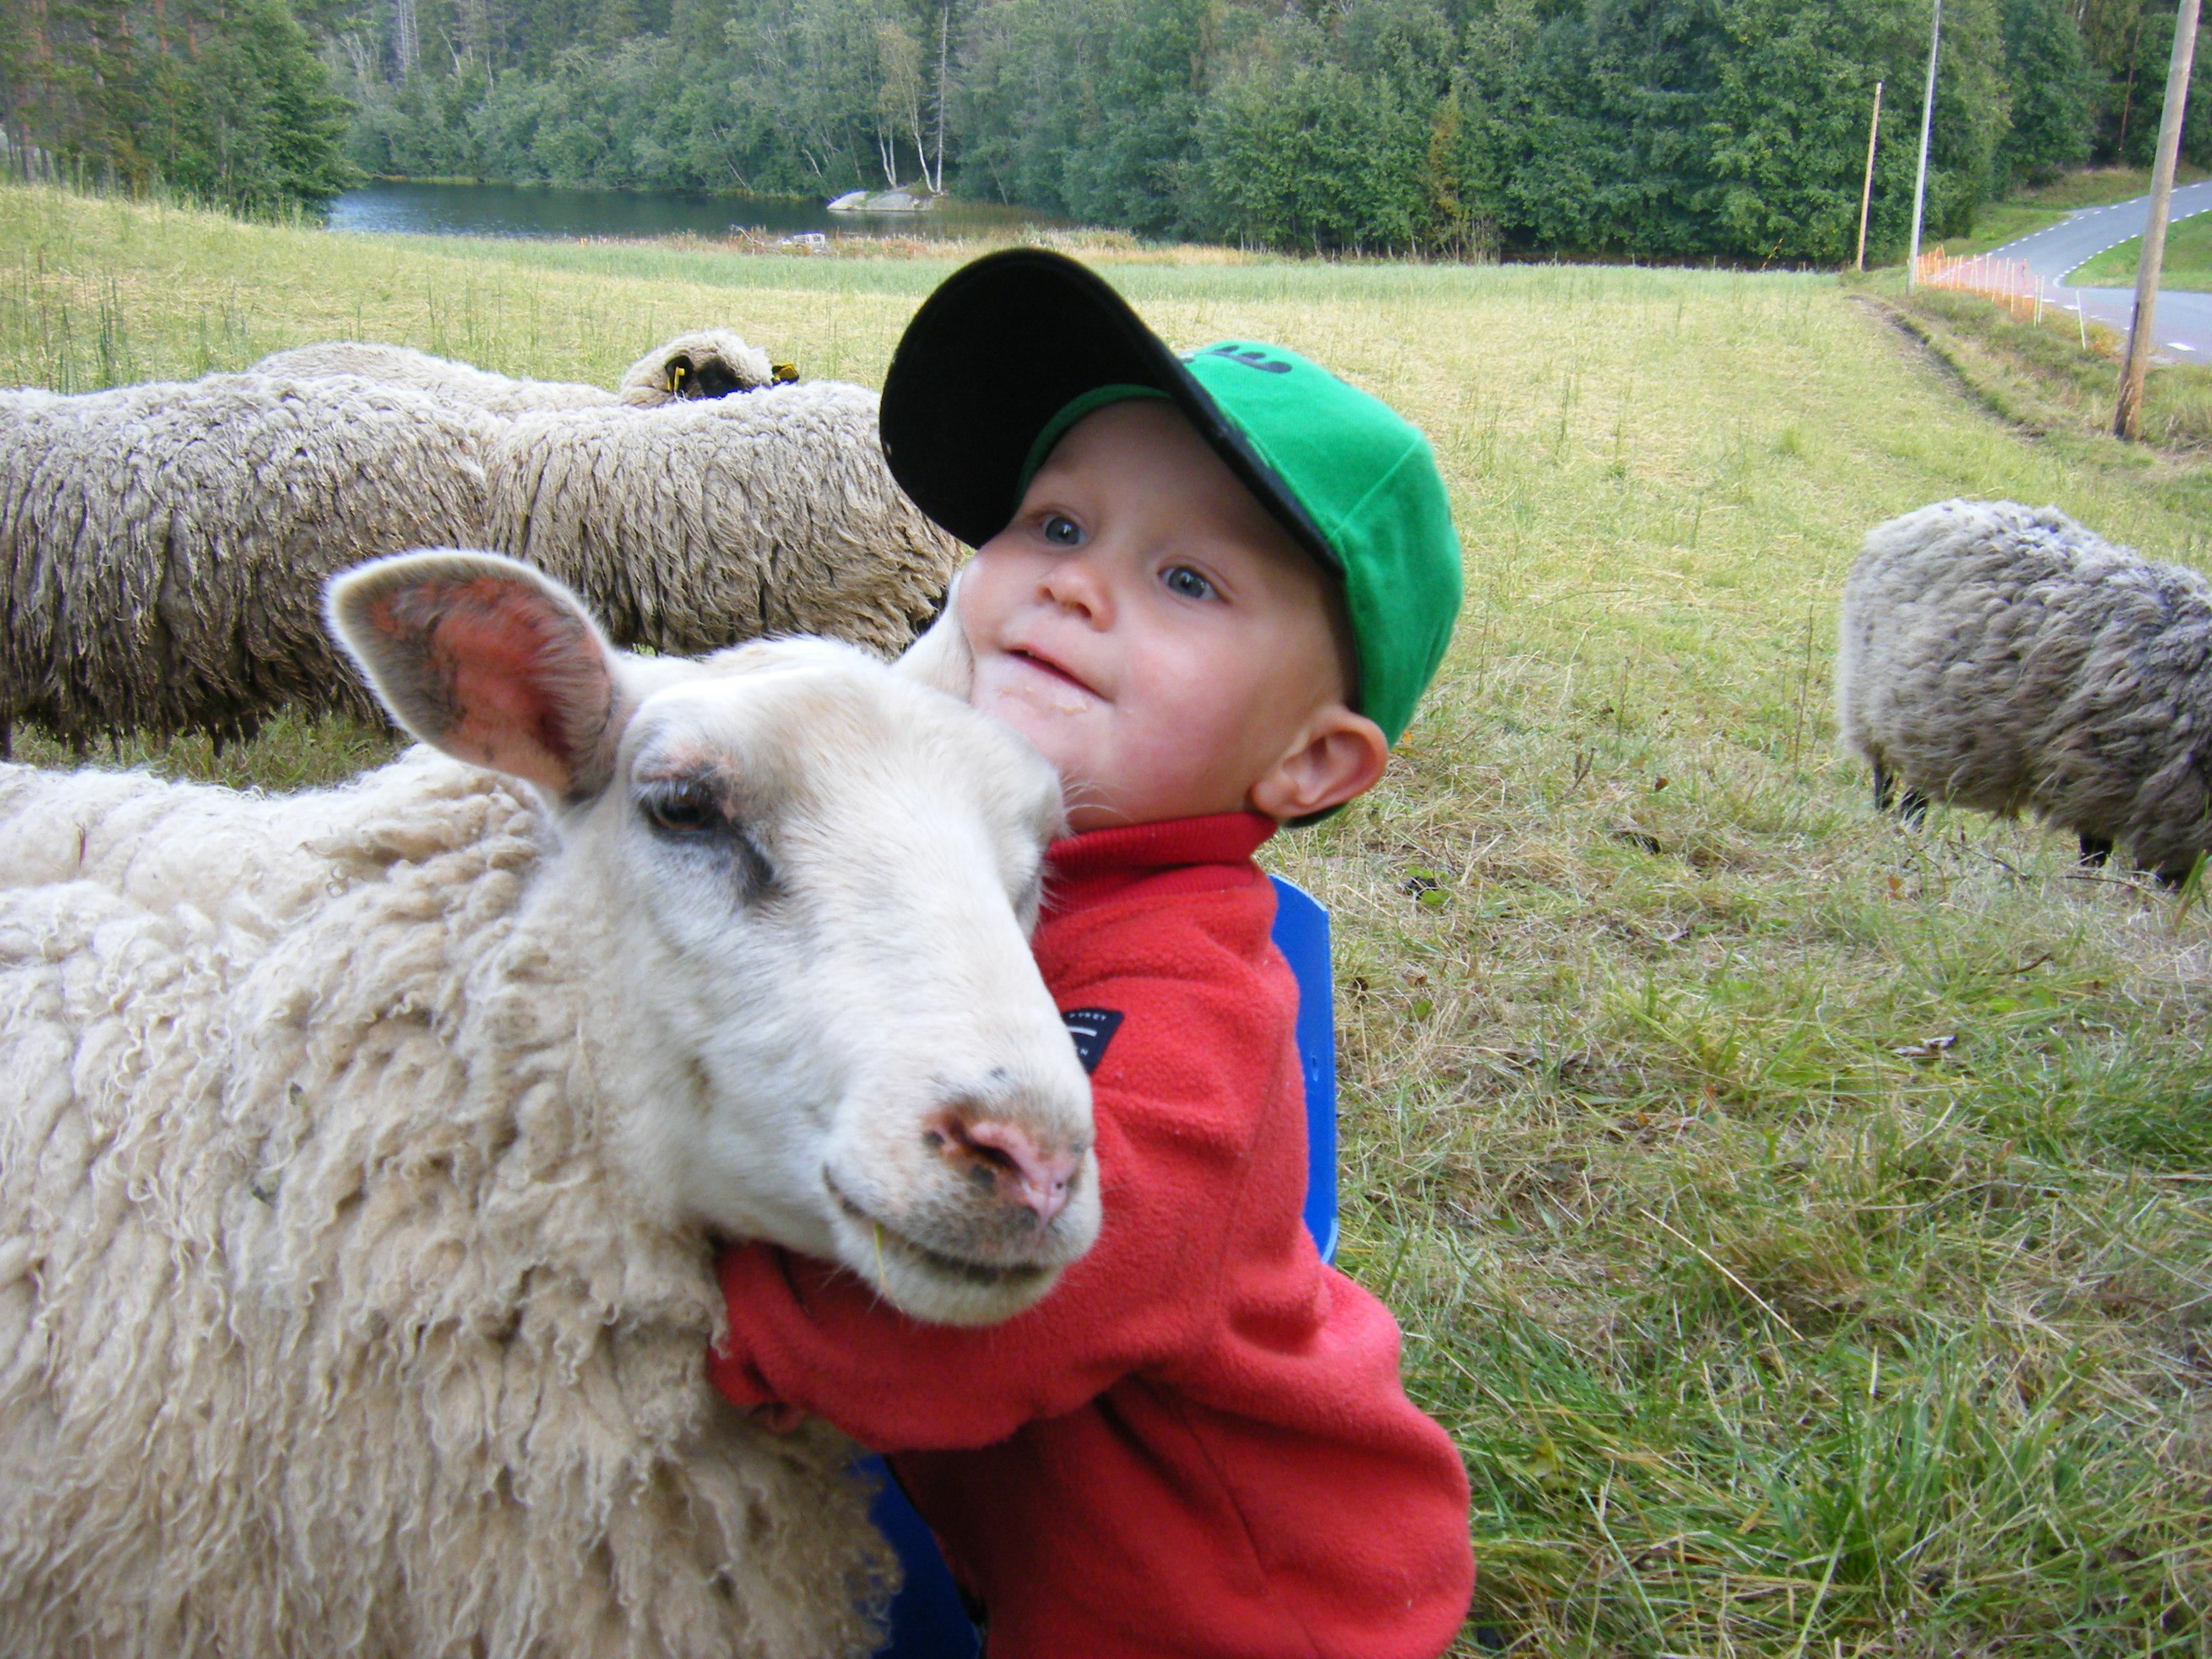 Lammkött i Örnsköldsvik - lammkött Örnsköldsvik